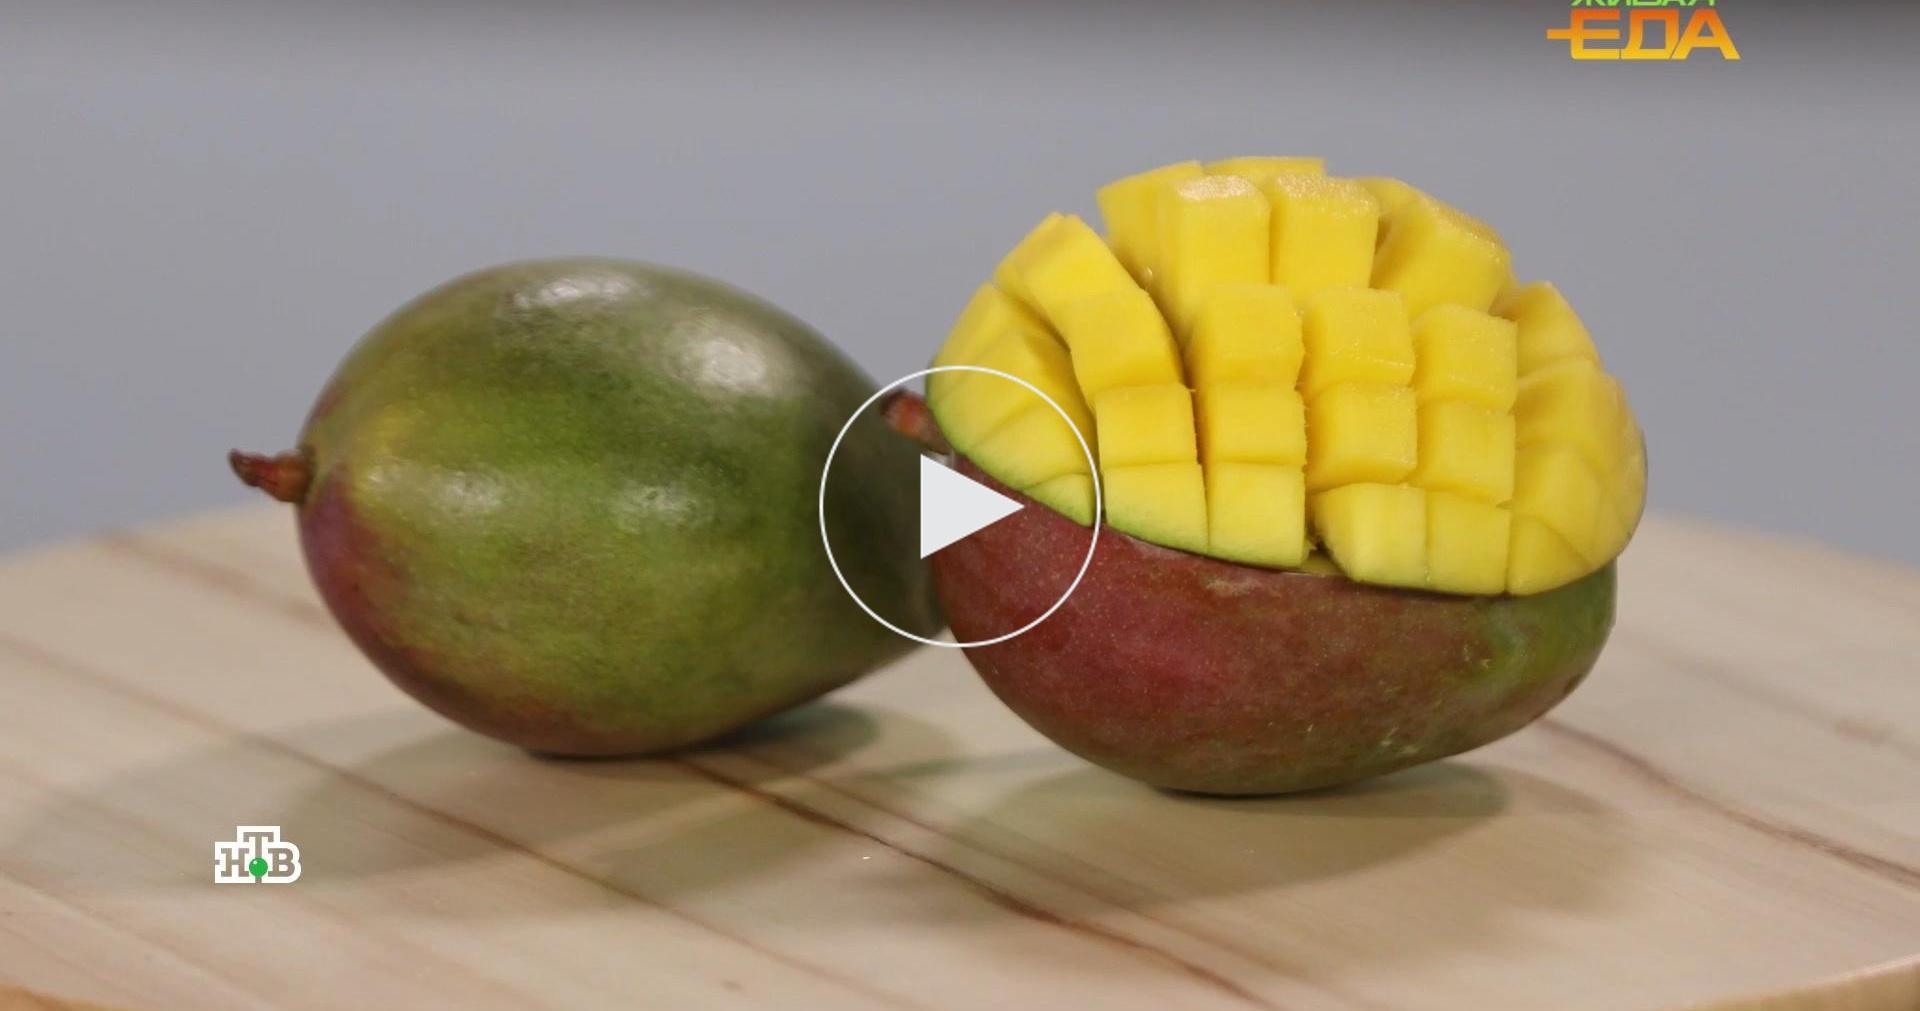 Бразильское vs тайское манго: отличаютсяли их вкус ипольза